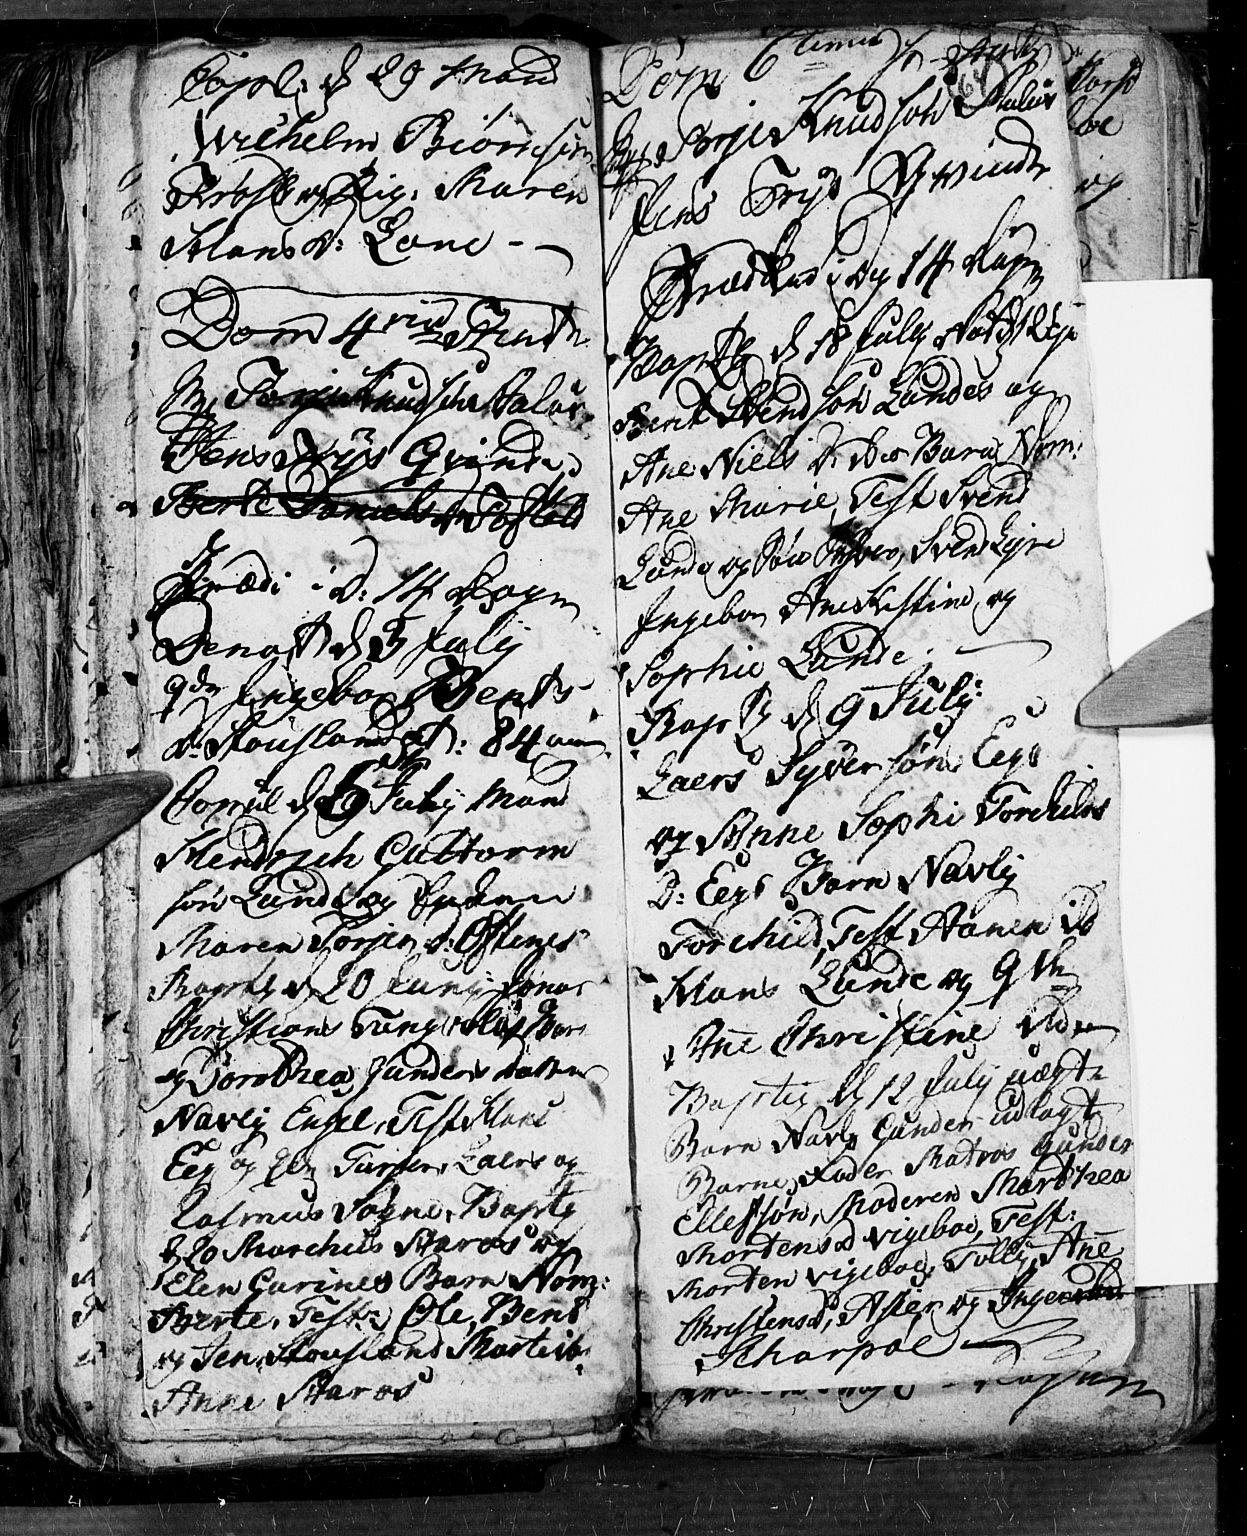 SAK, Søgne sokneprestkontor, F/Fb/Fbb/L0001: Klokkerbok nr. B 1, 1779-1802, s. 64